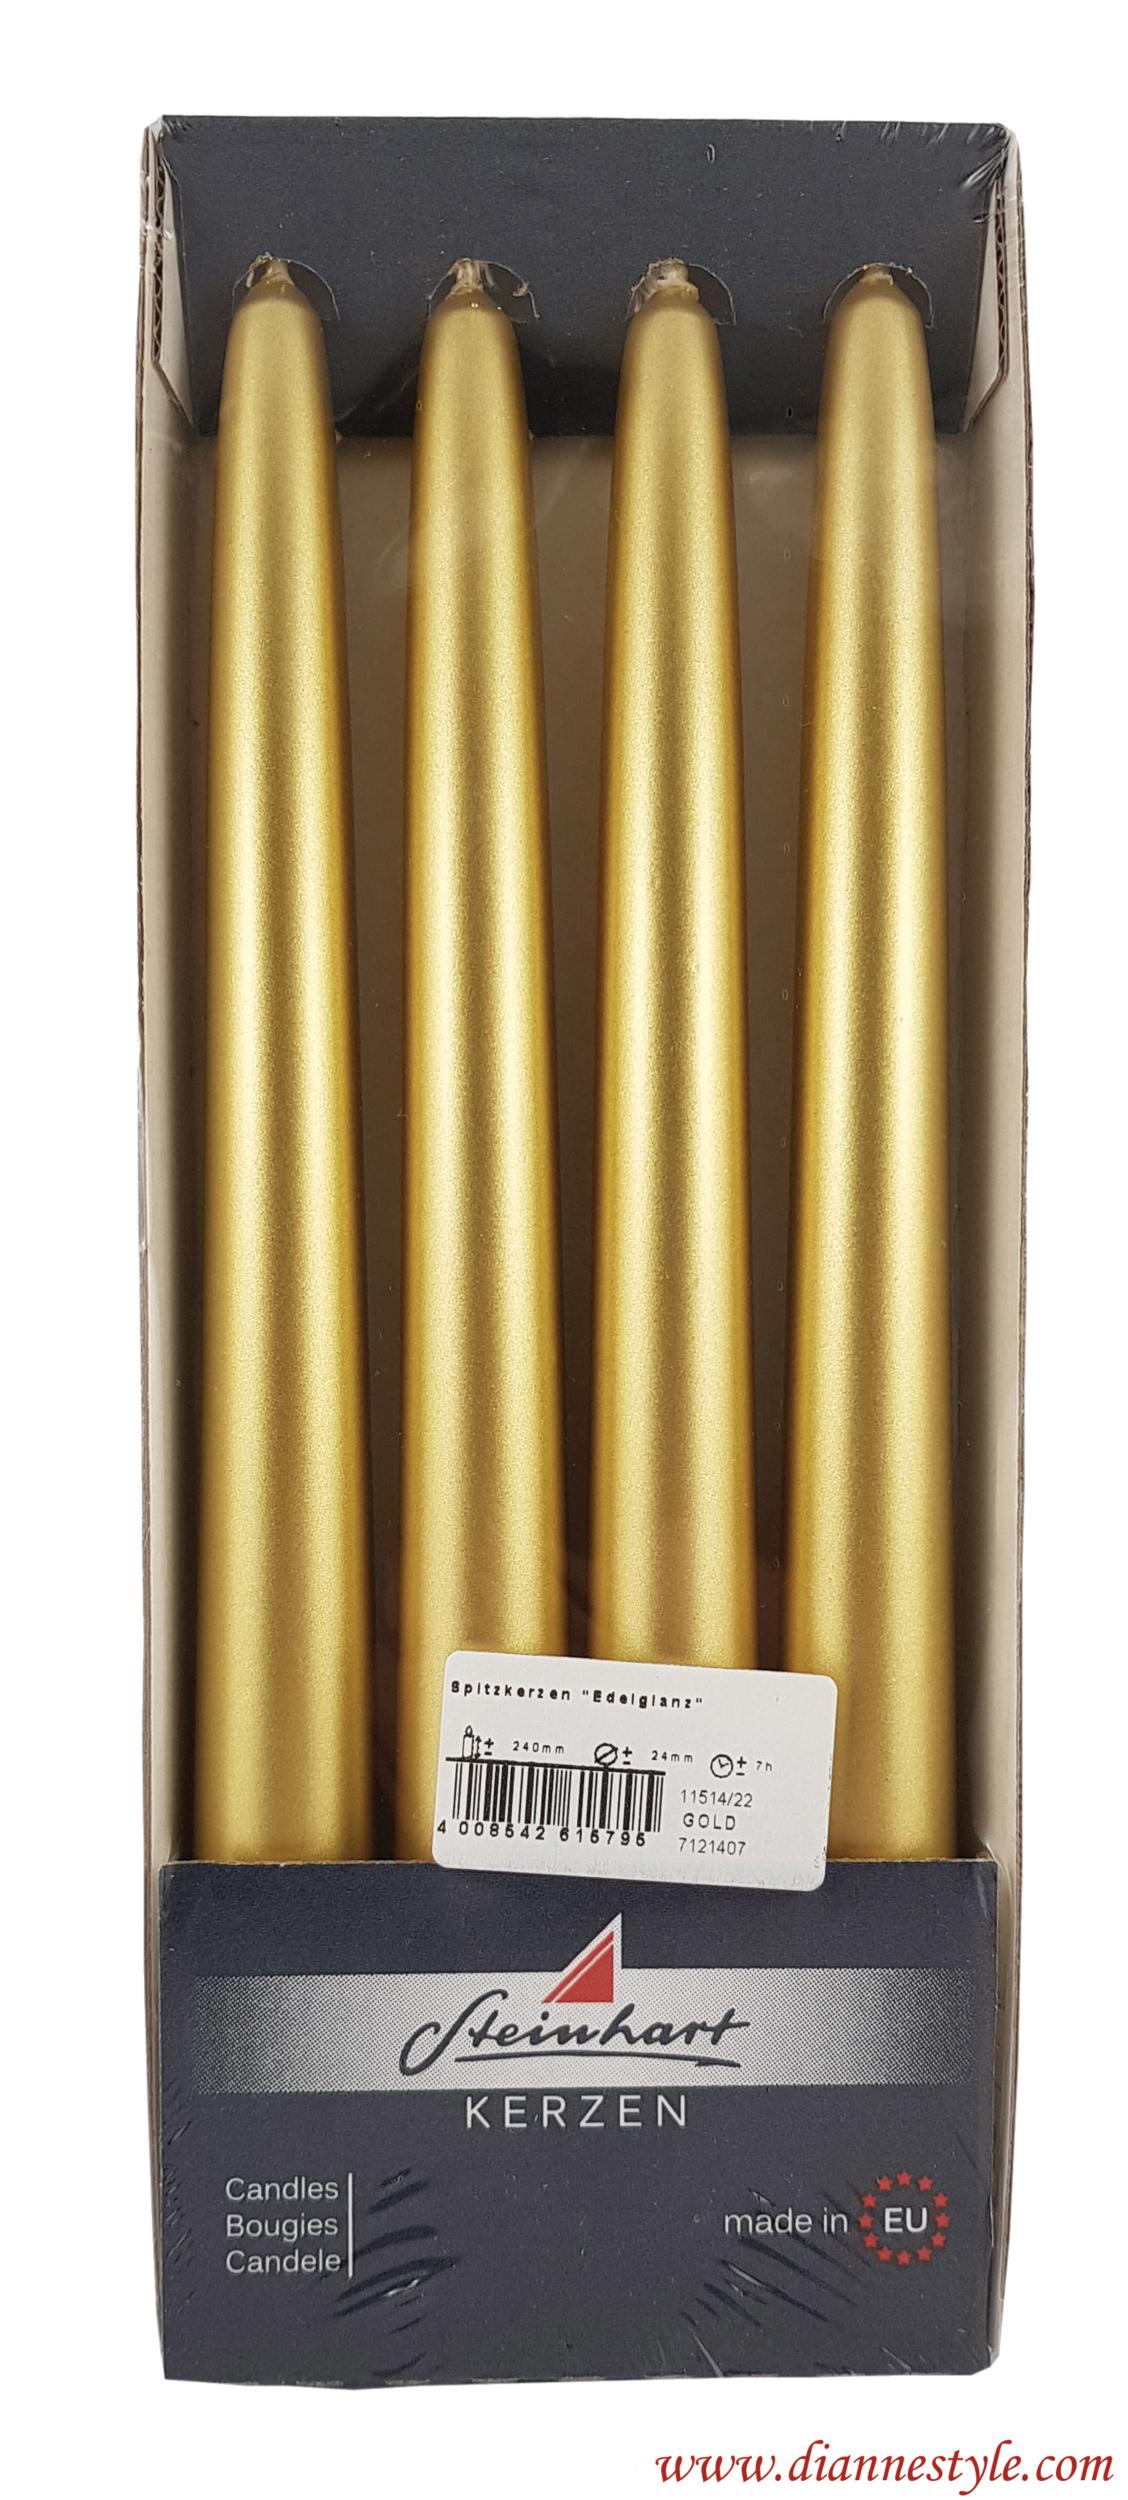 Paquet de 4 bougies flambeaux coloris or métallisé. Réf. 180